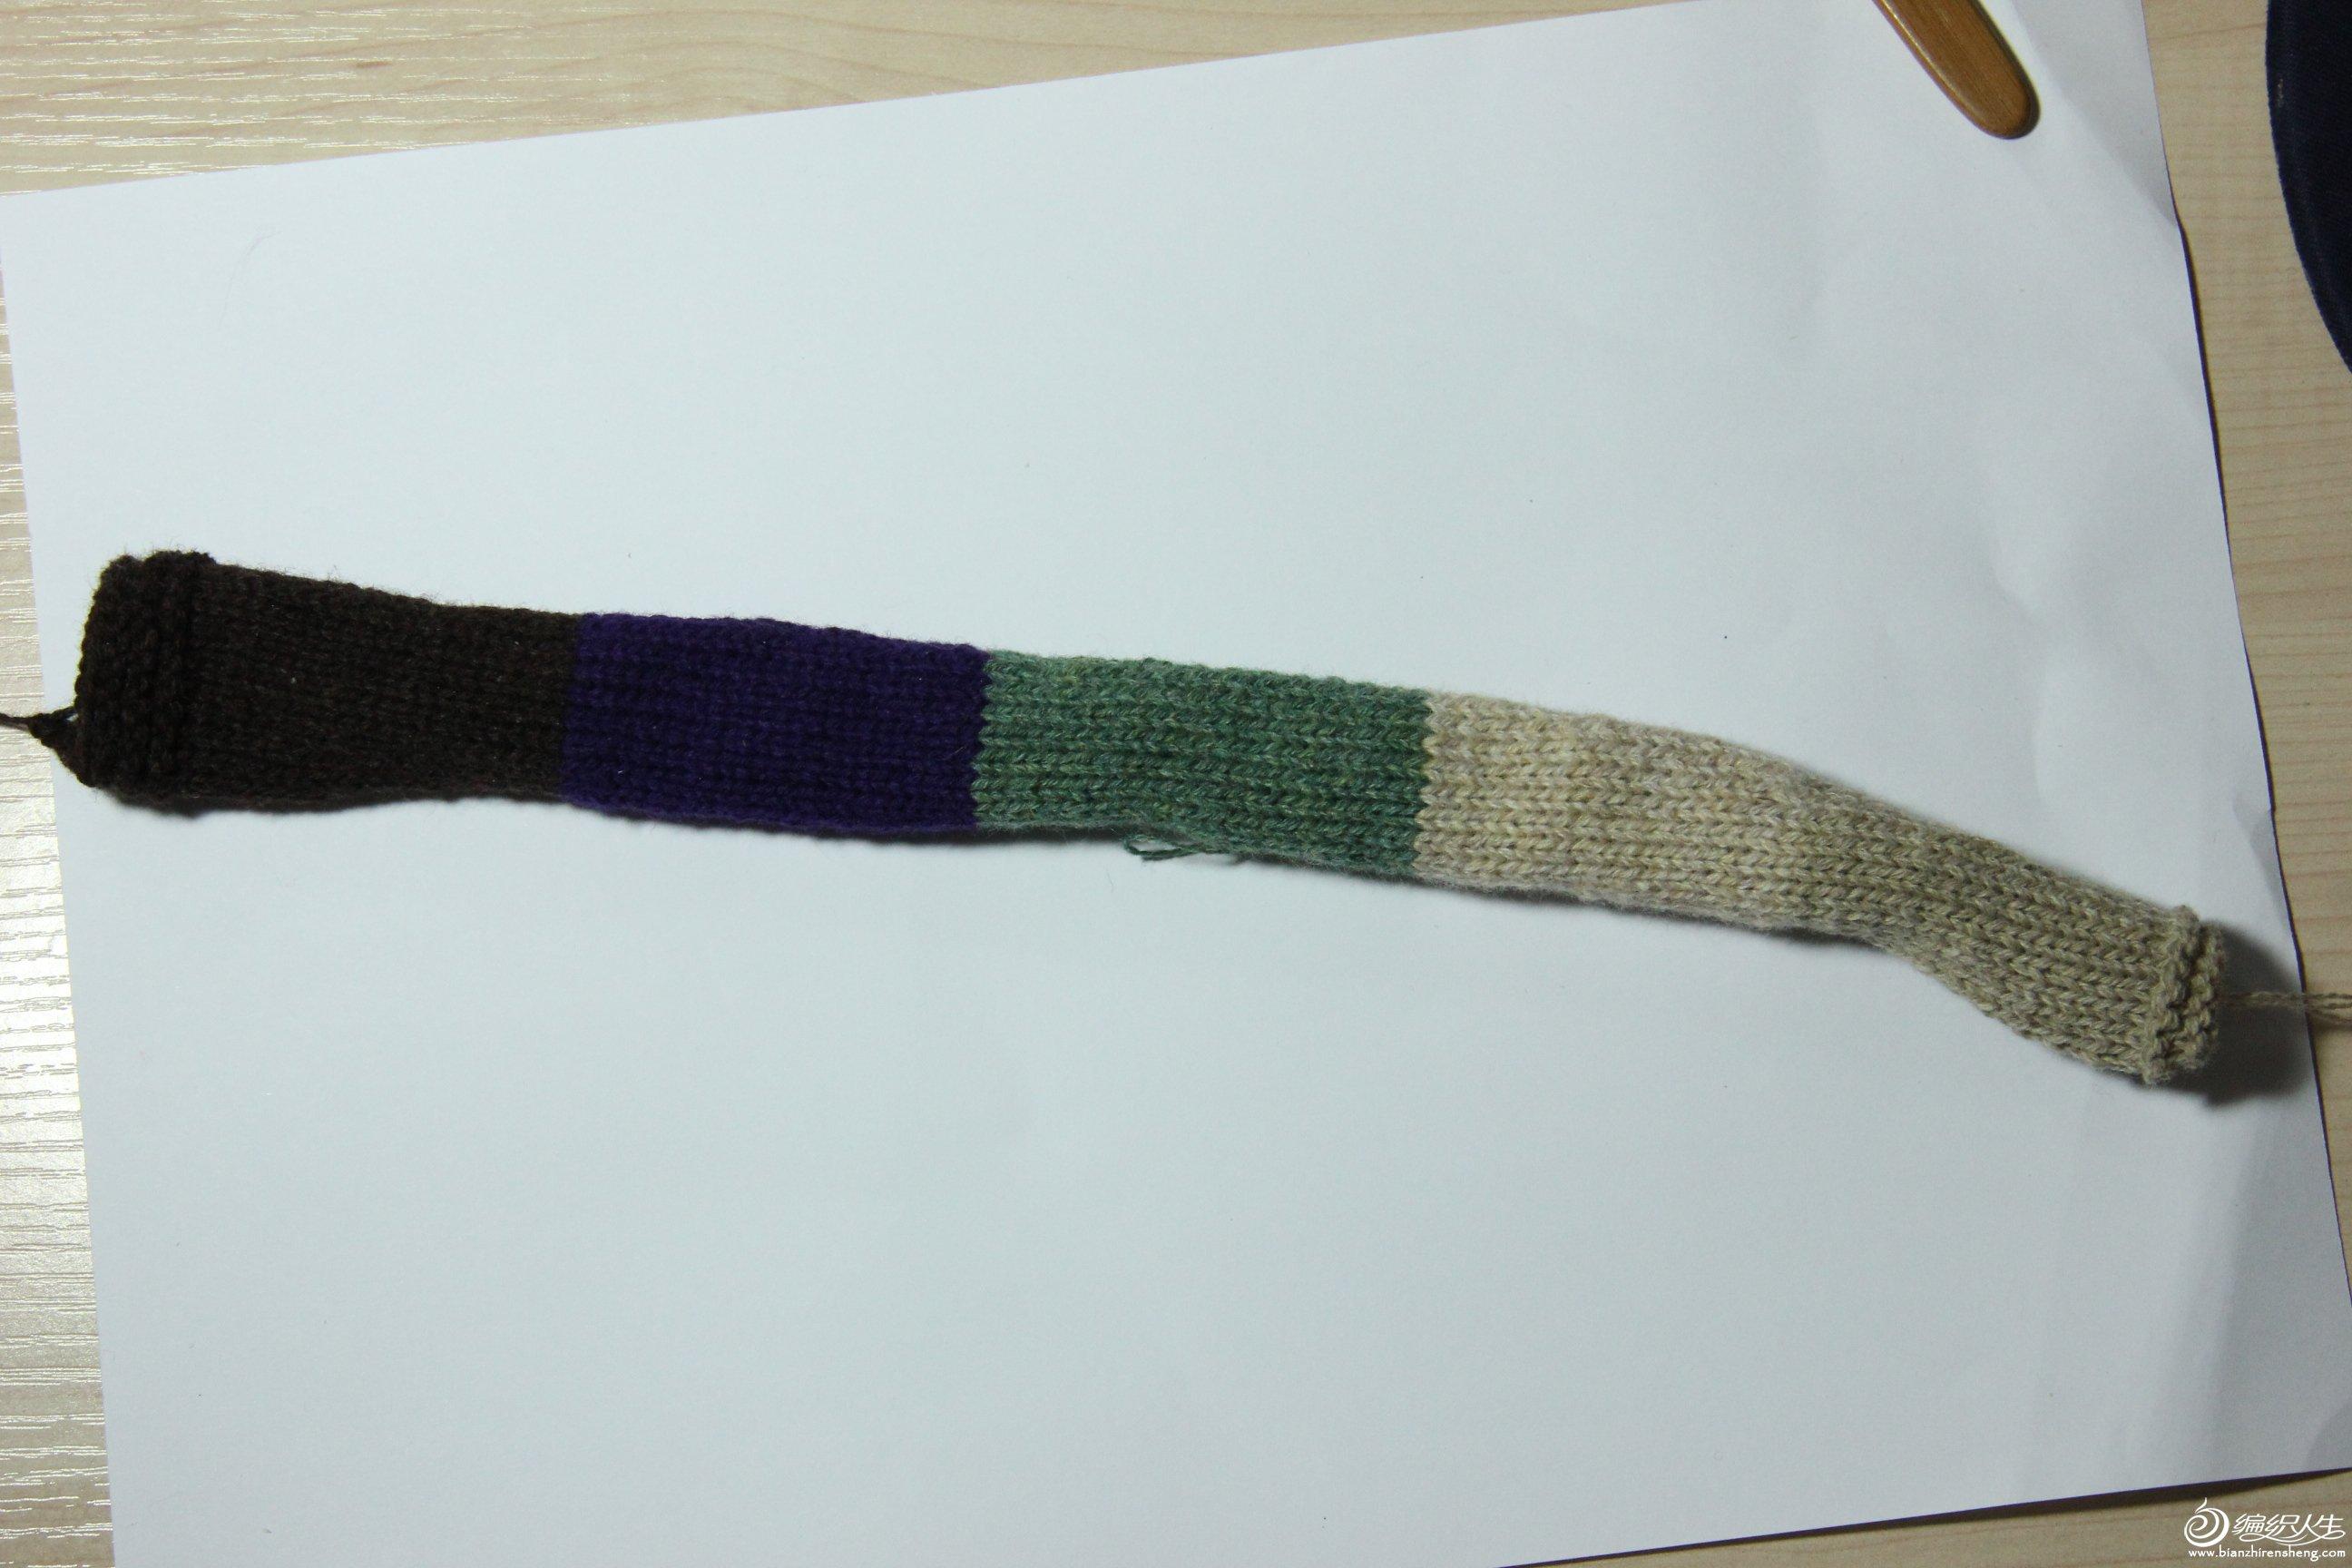 左到右依次:10#红菲、6#紫色、10#绿色、1#喷彩粉杏、13#喷彩驼杏(下水前)